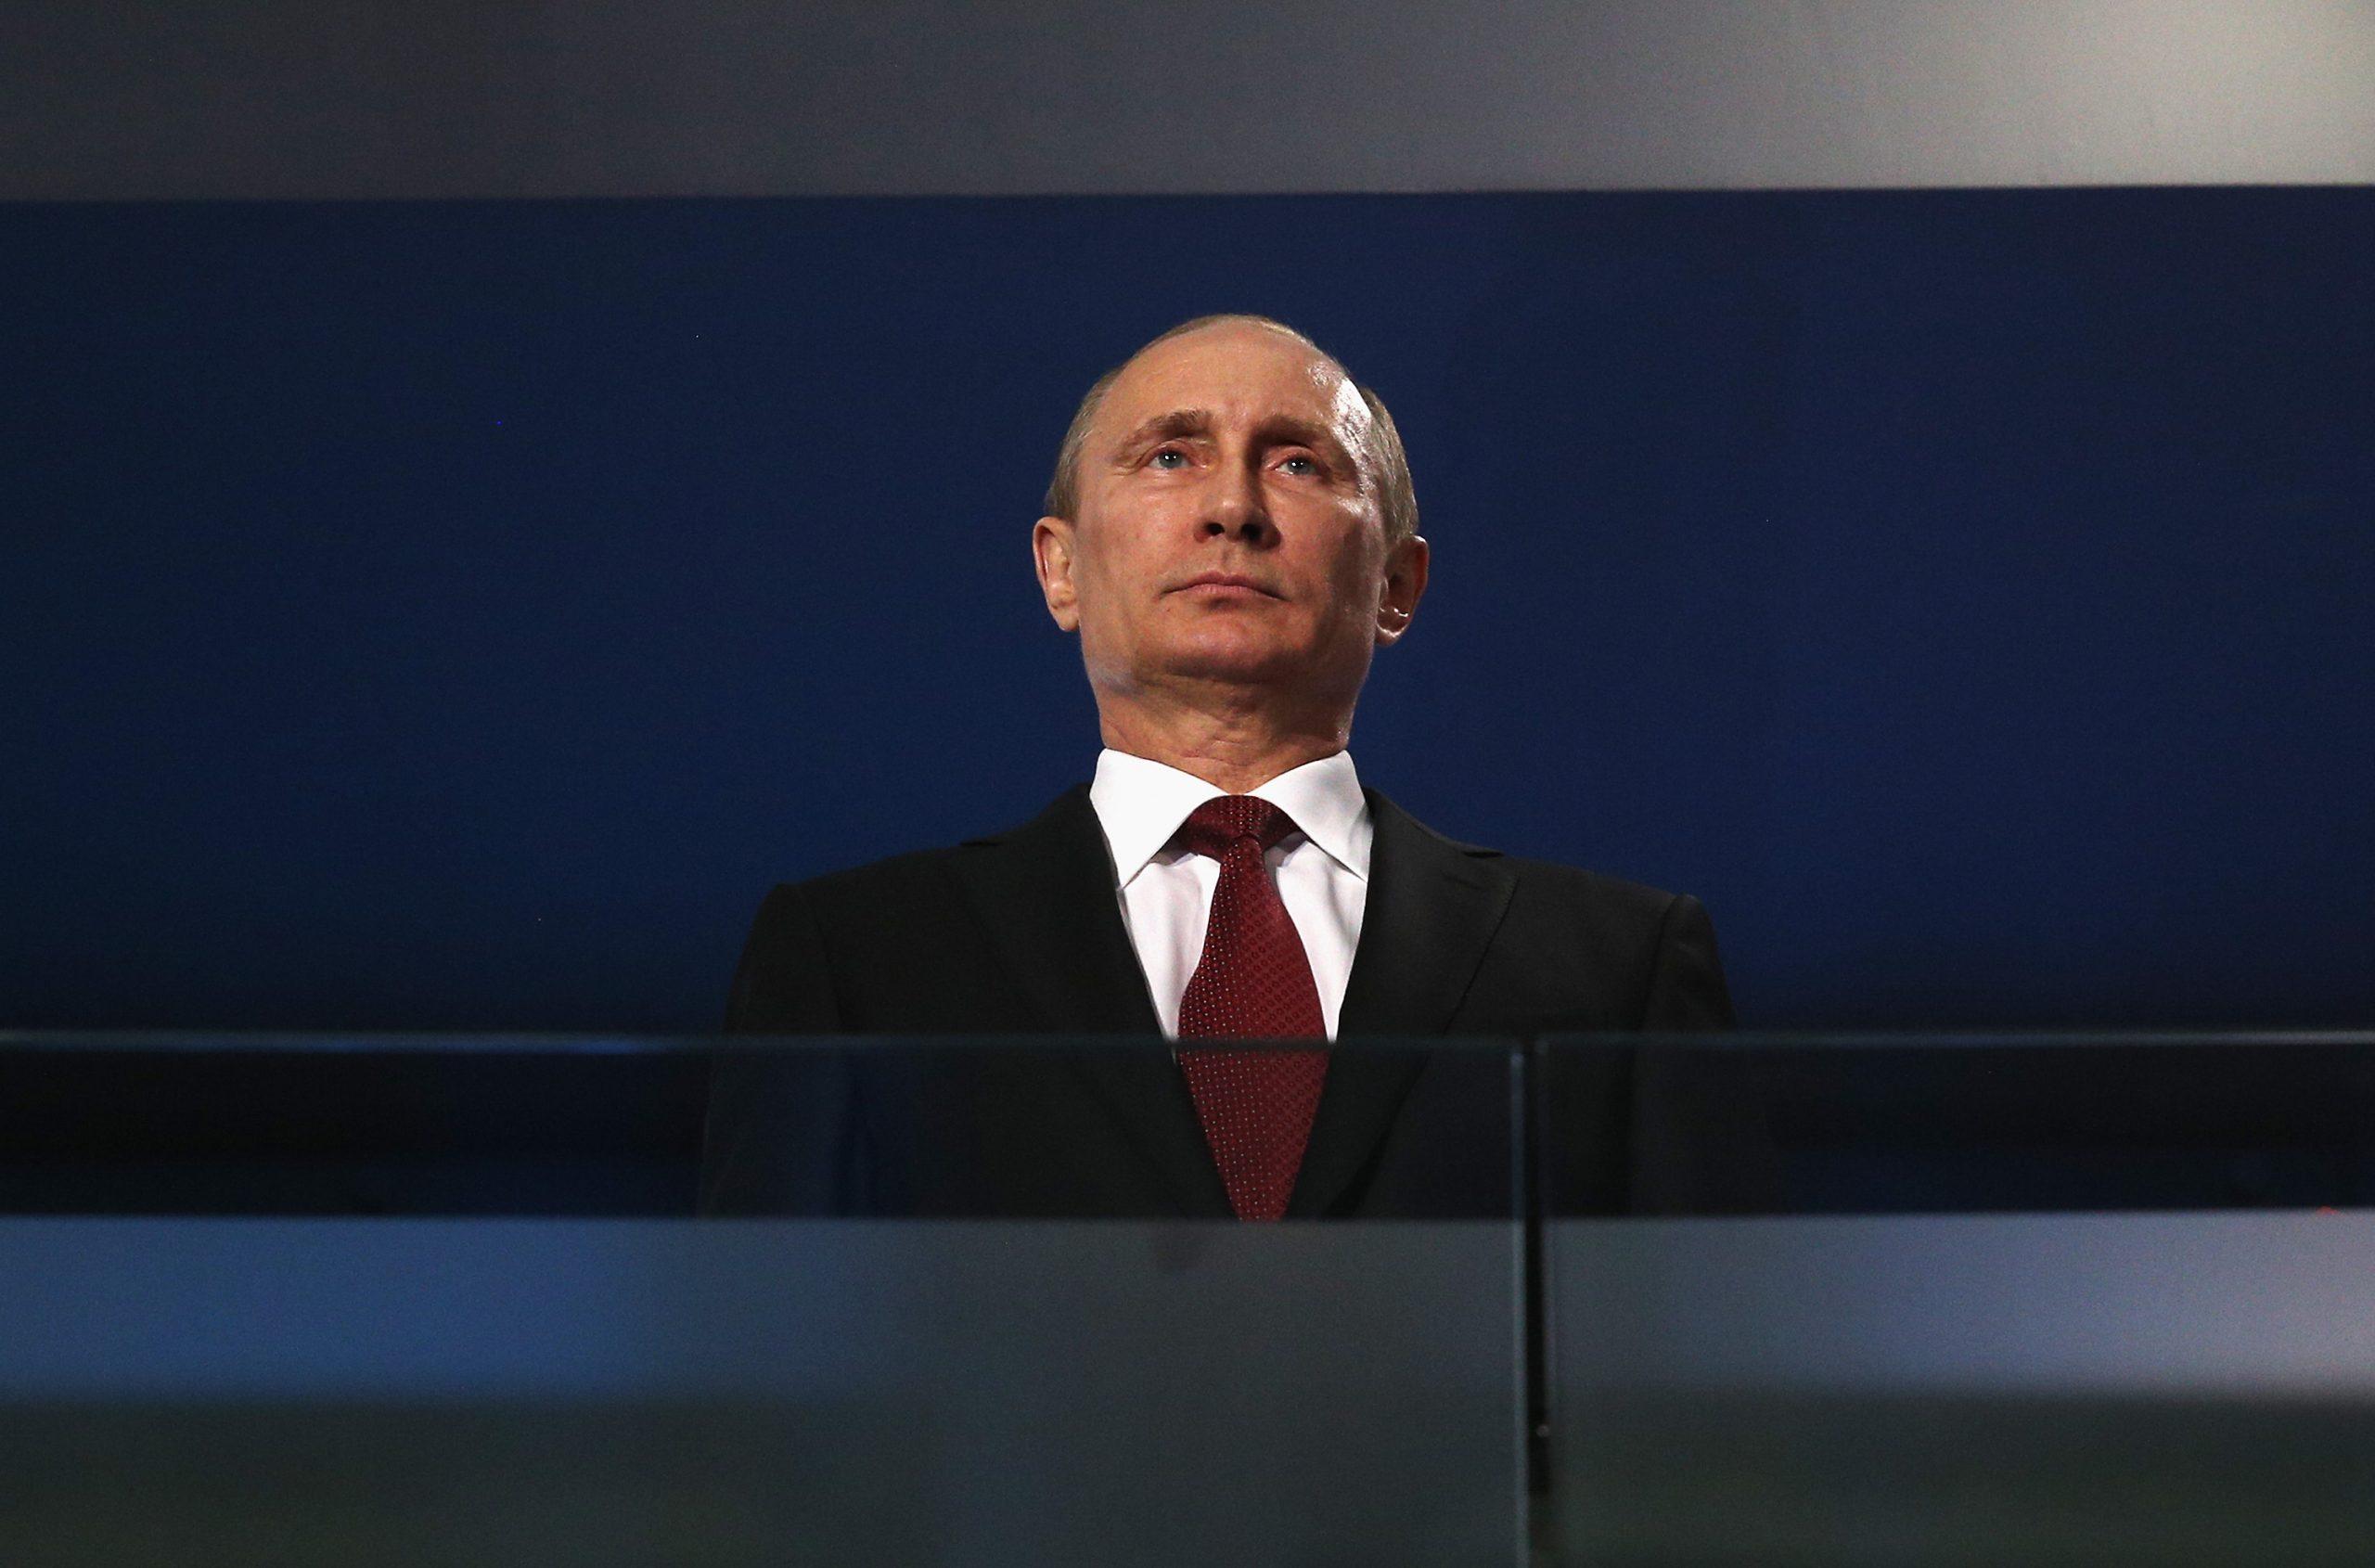 To Understand Vladimir Putin We Must See The World Through His Eyes Cityam